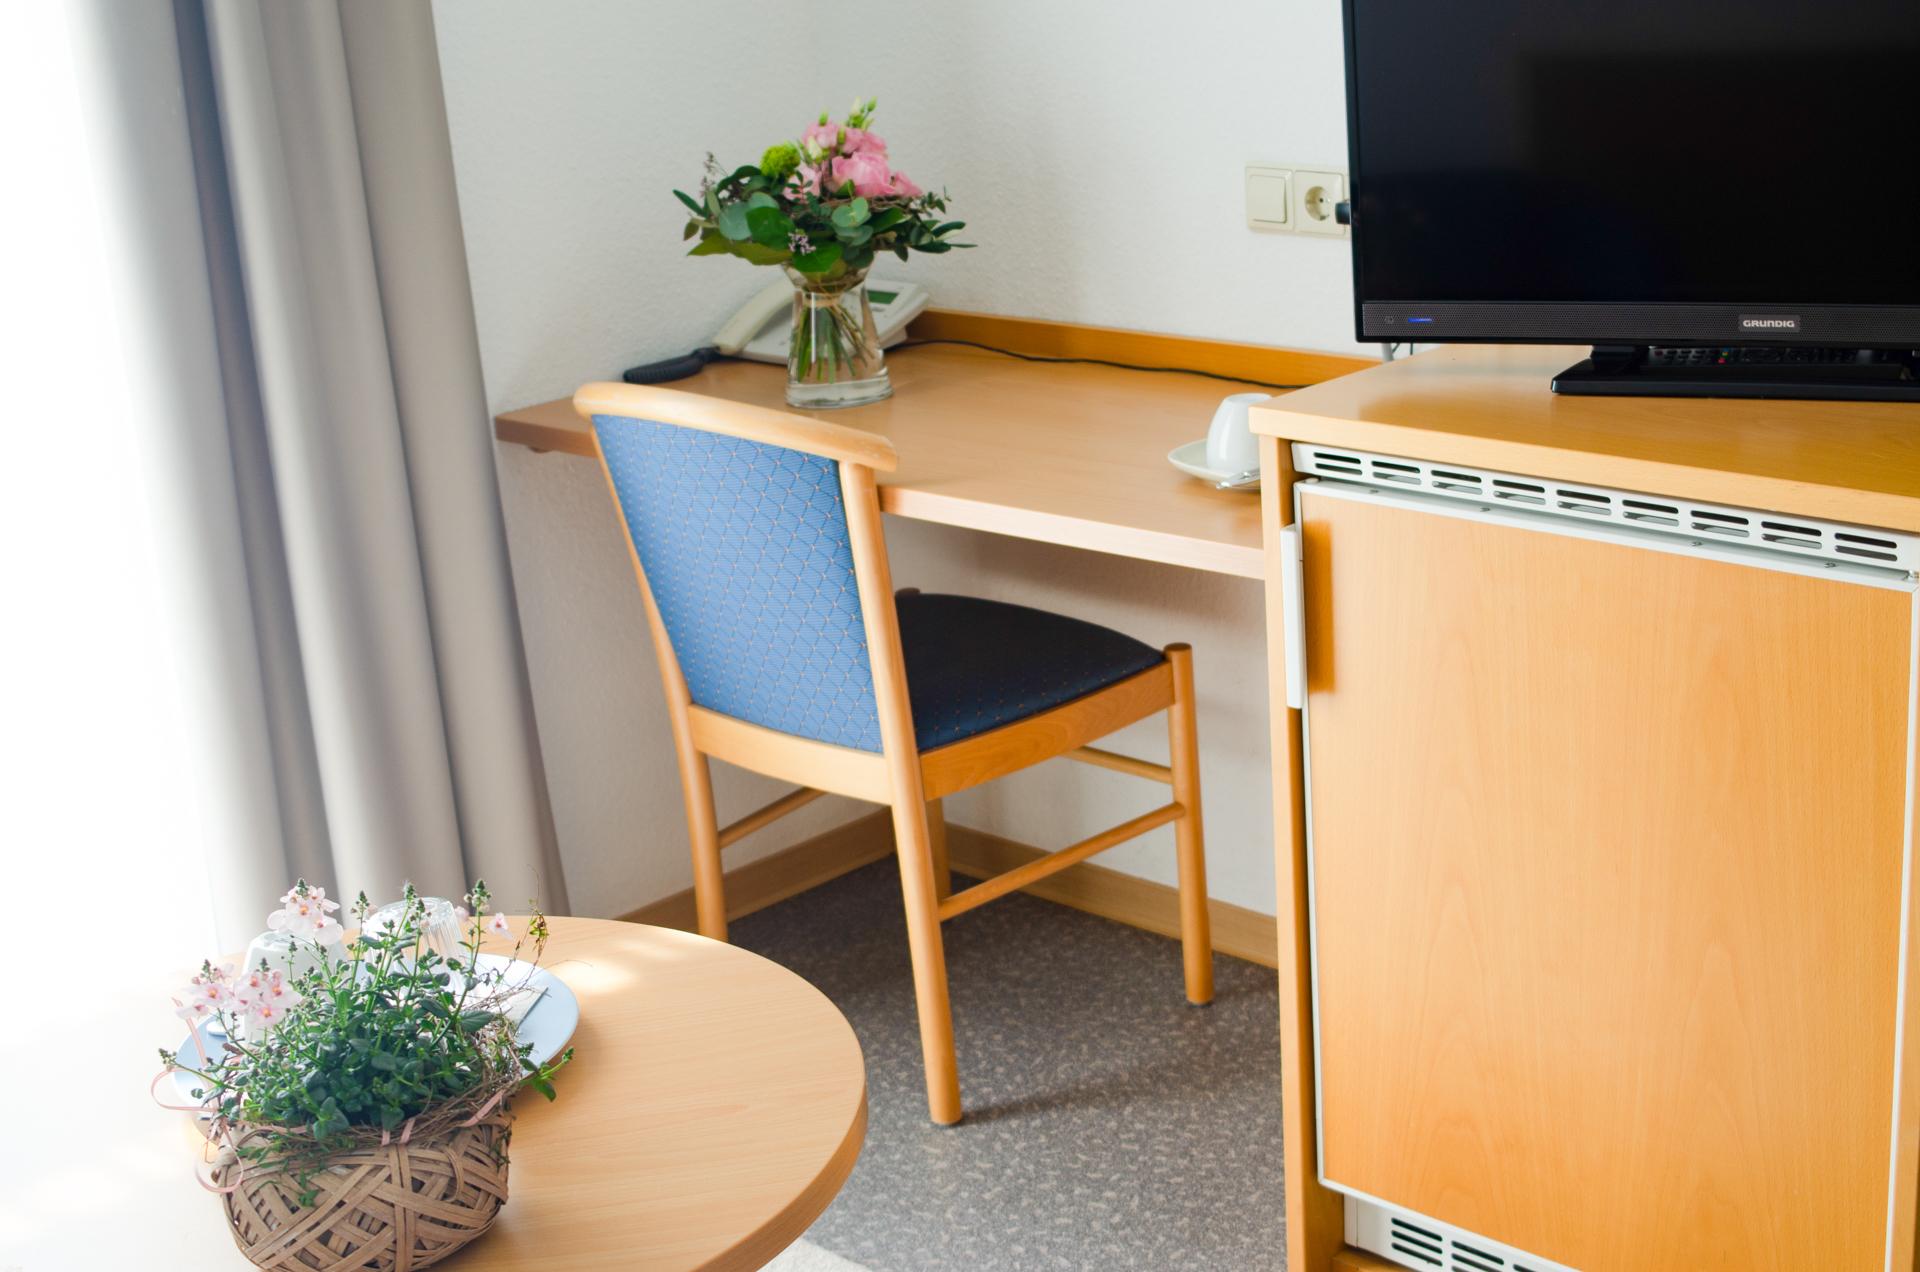 Das Gästehaus Scheuermann hat Zimmer mit Fernseher